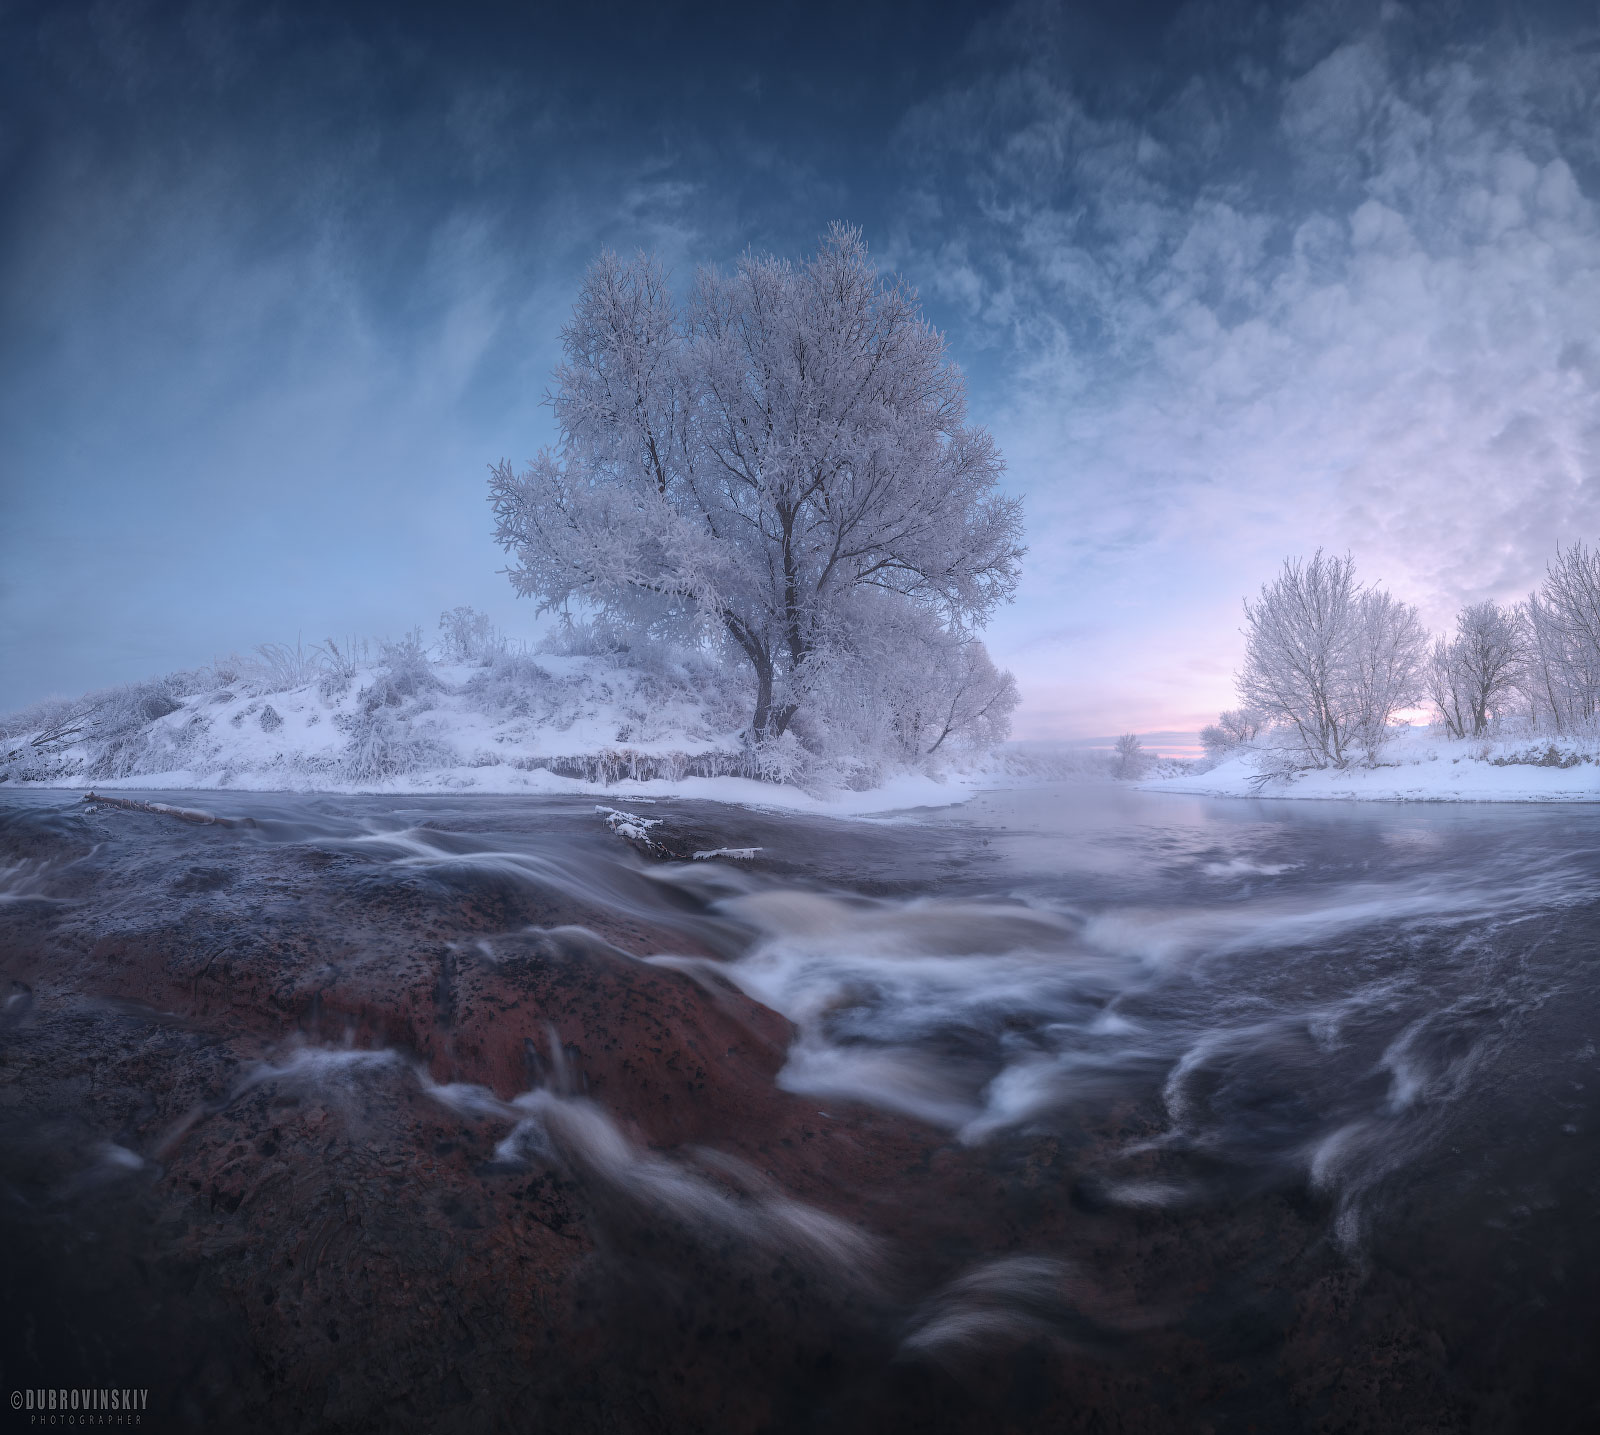 река, дерево, перекат, мороз, иней, рассвет, подмосковье, Дубровинский Михаил